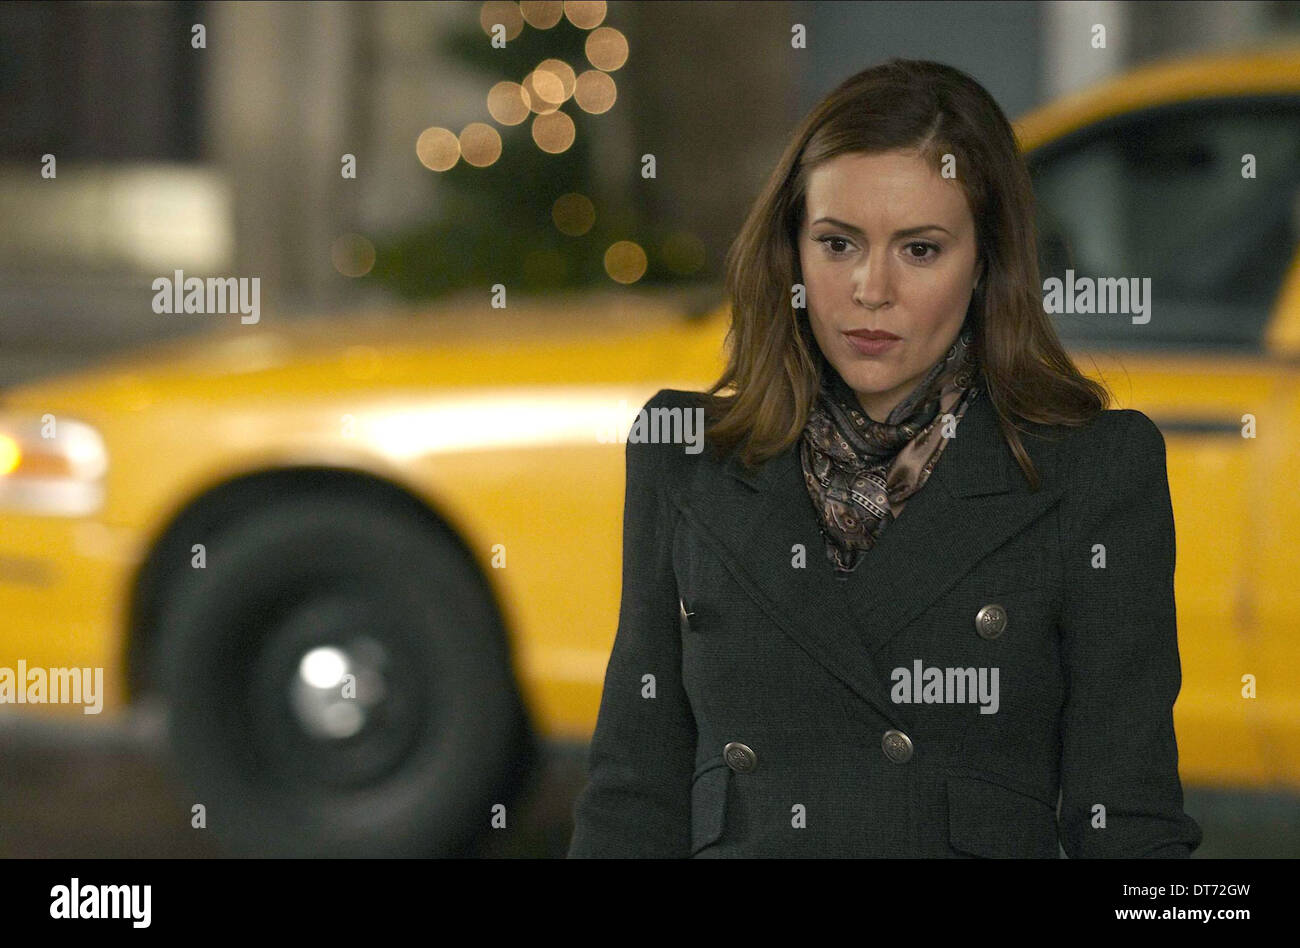 ALYSSA MILANO SUNDAYS AT TIFFANY'S (2010) - Stock Image